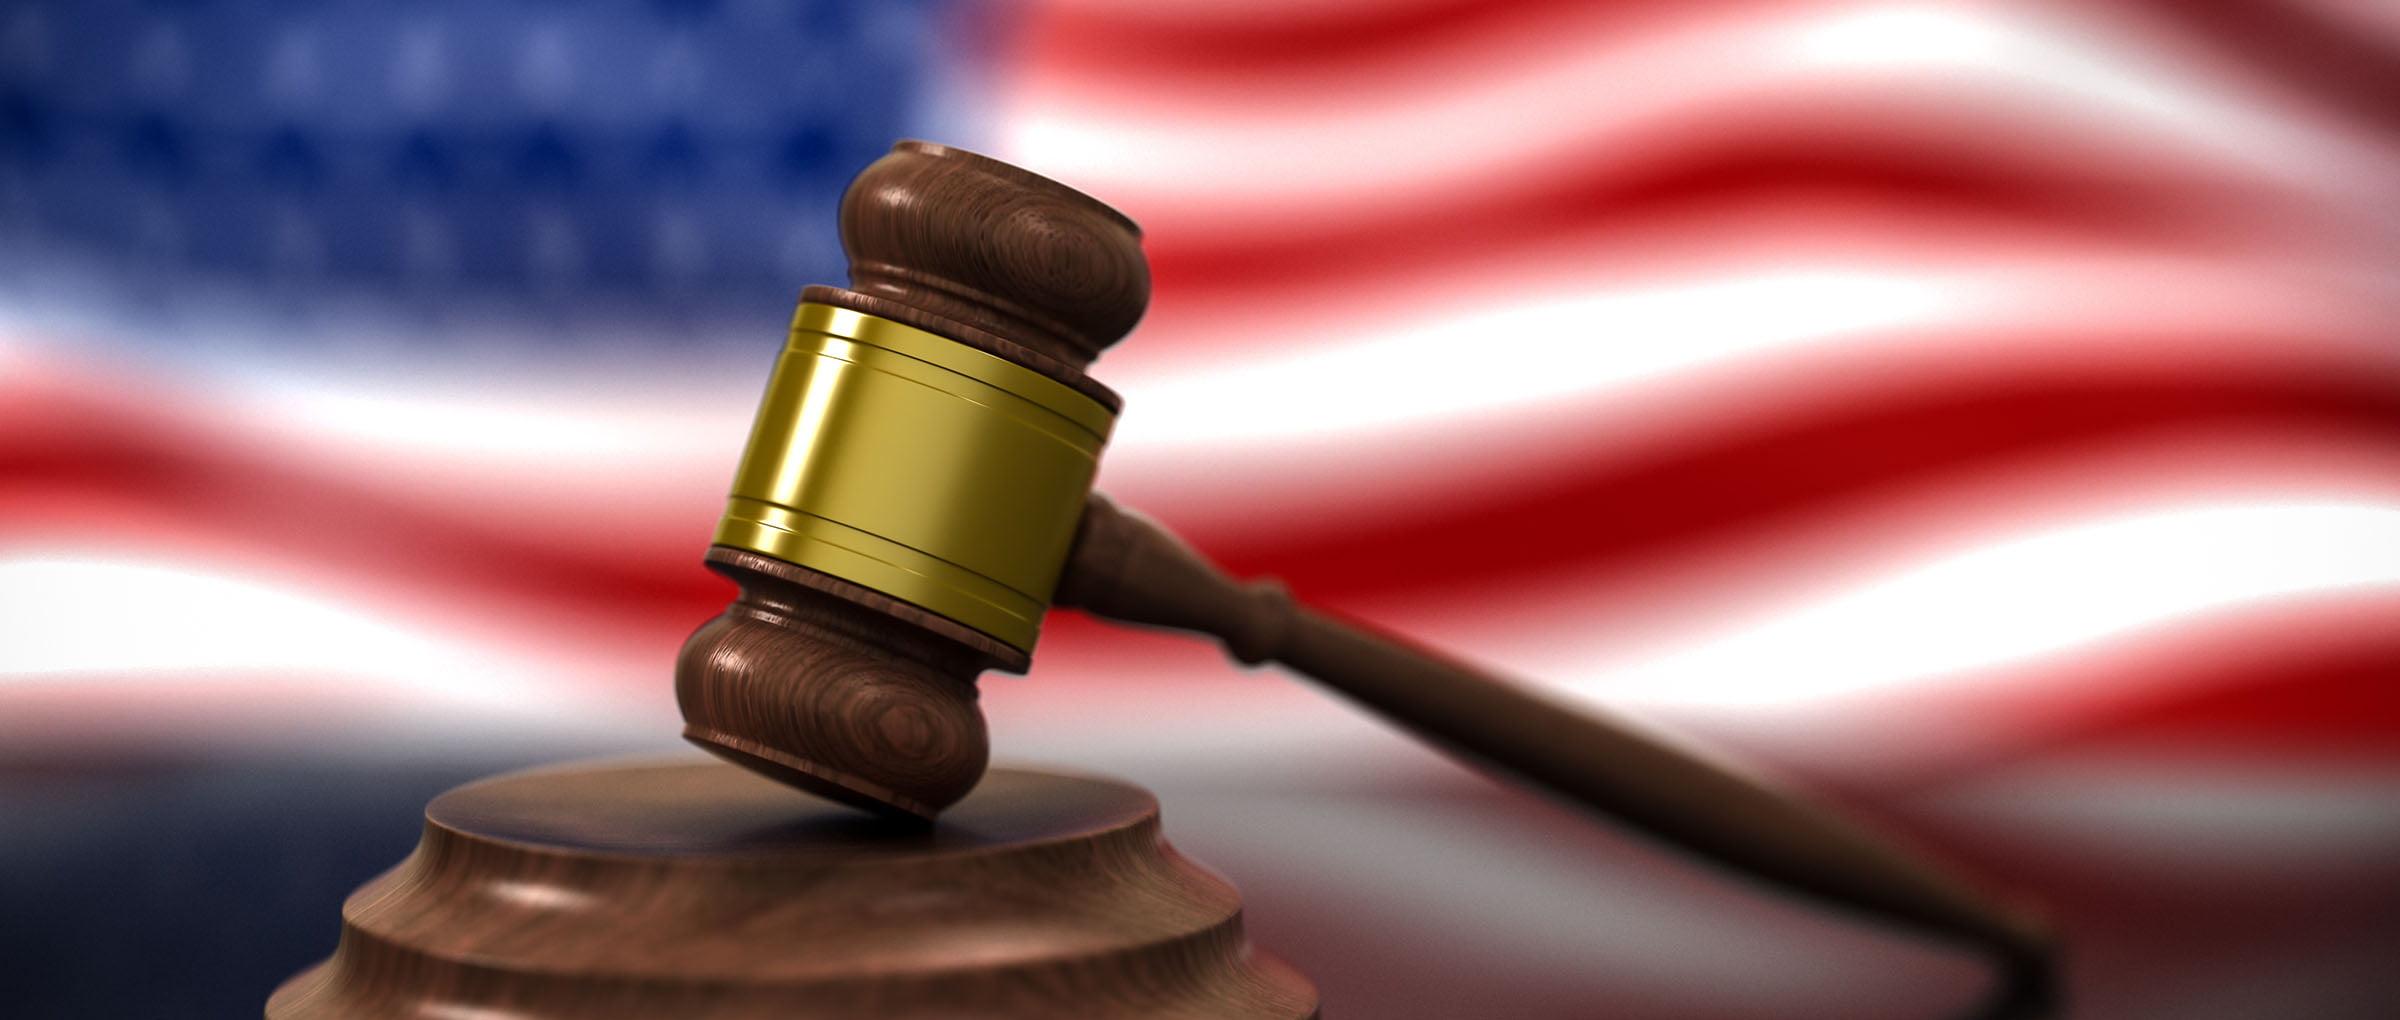 Legislación en EE.UU.